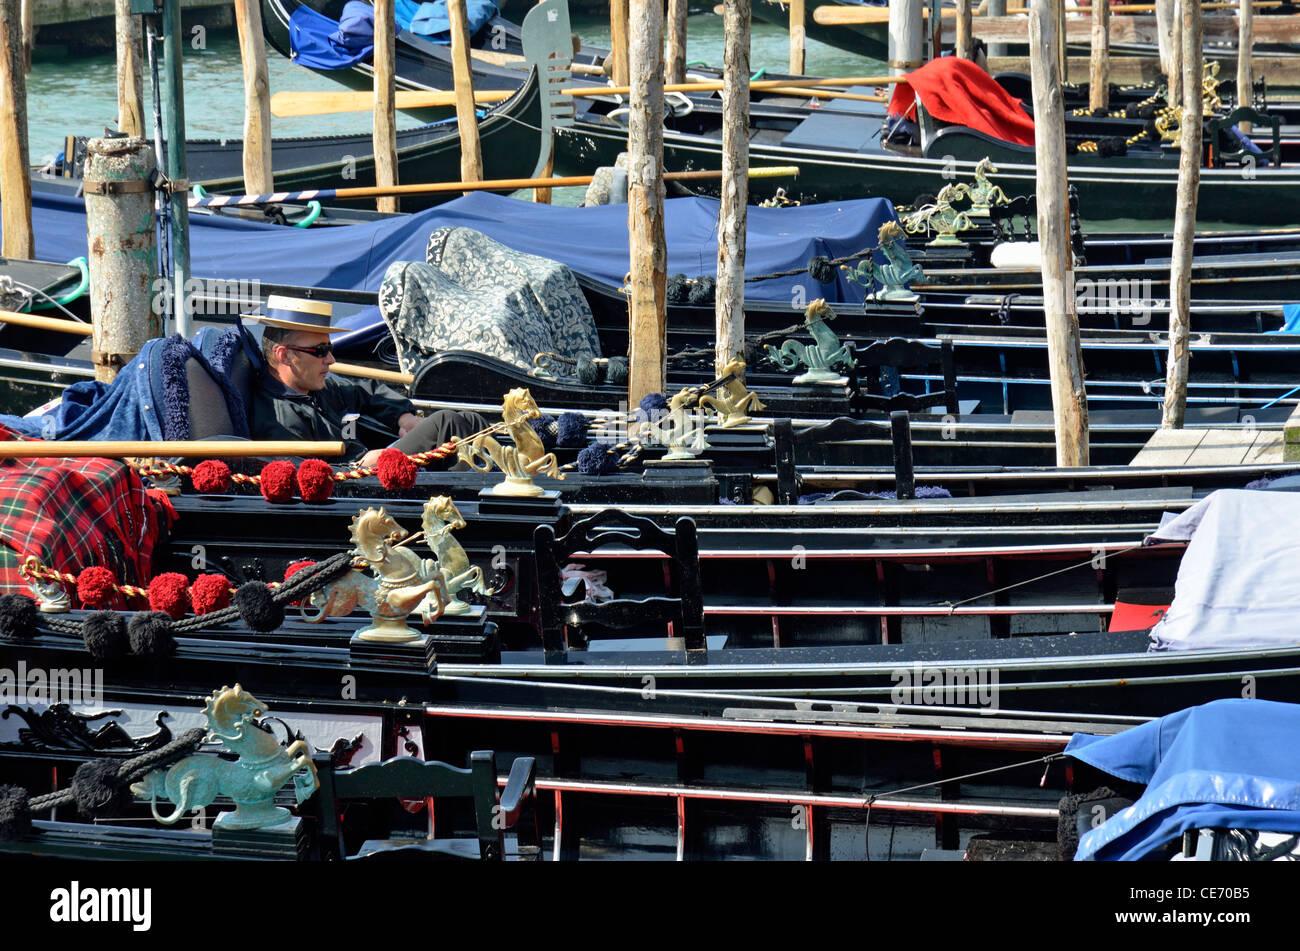 Gondolero descansando en góndolas amarradas, Venecia, Italia Imagen De Stock